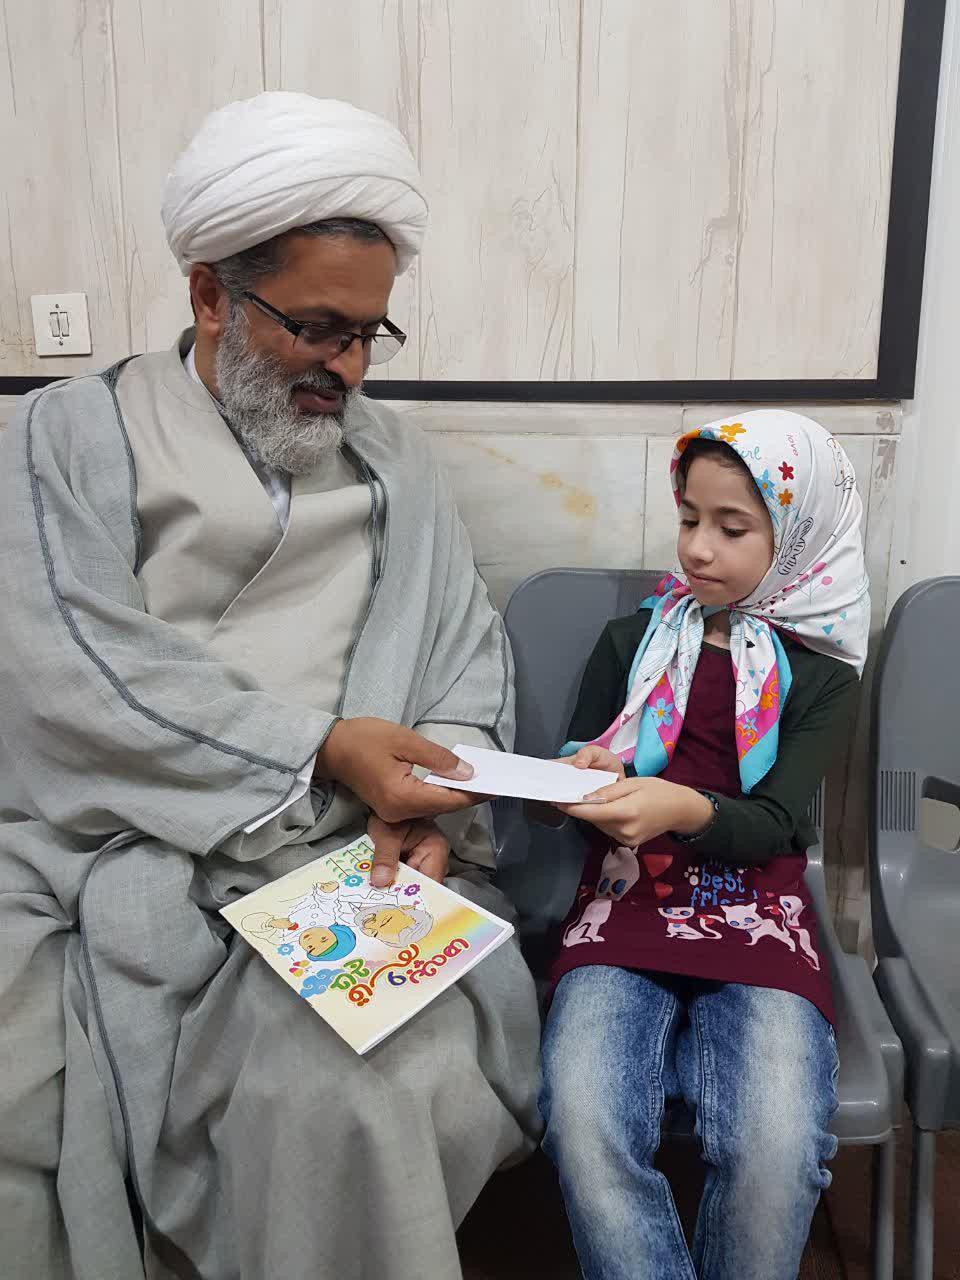 تجلیل امام جمعه شهرستان هرسین از کودک نویسنده کتاب «حاج قاسم و بچه ها»